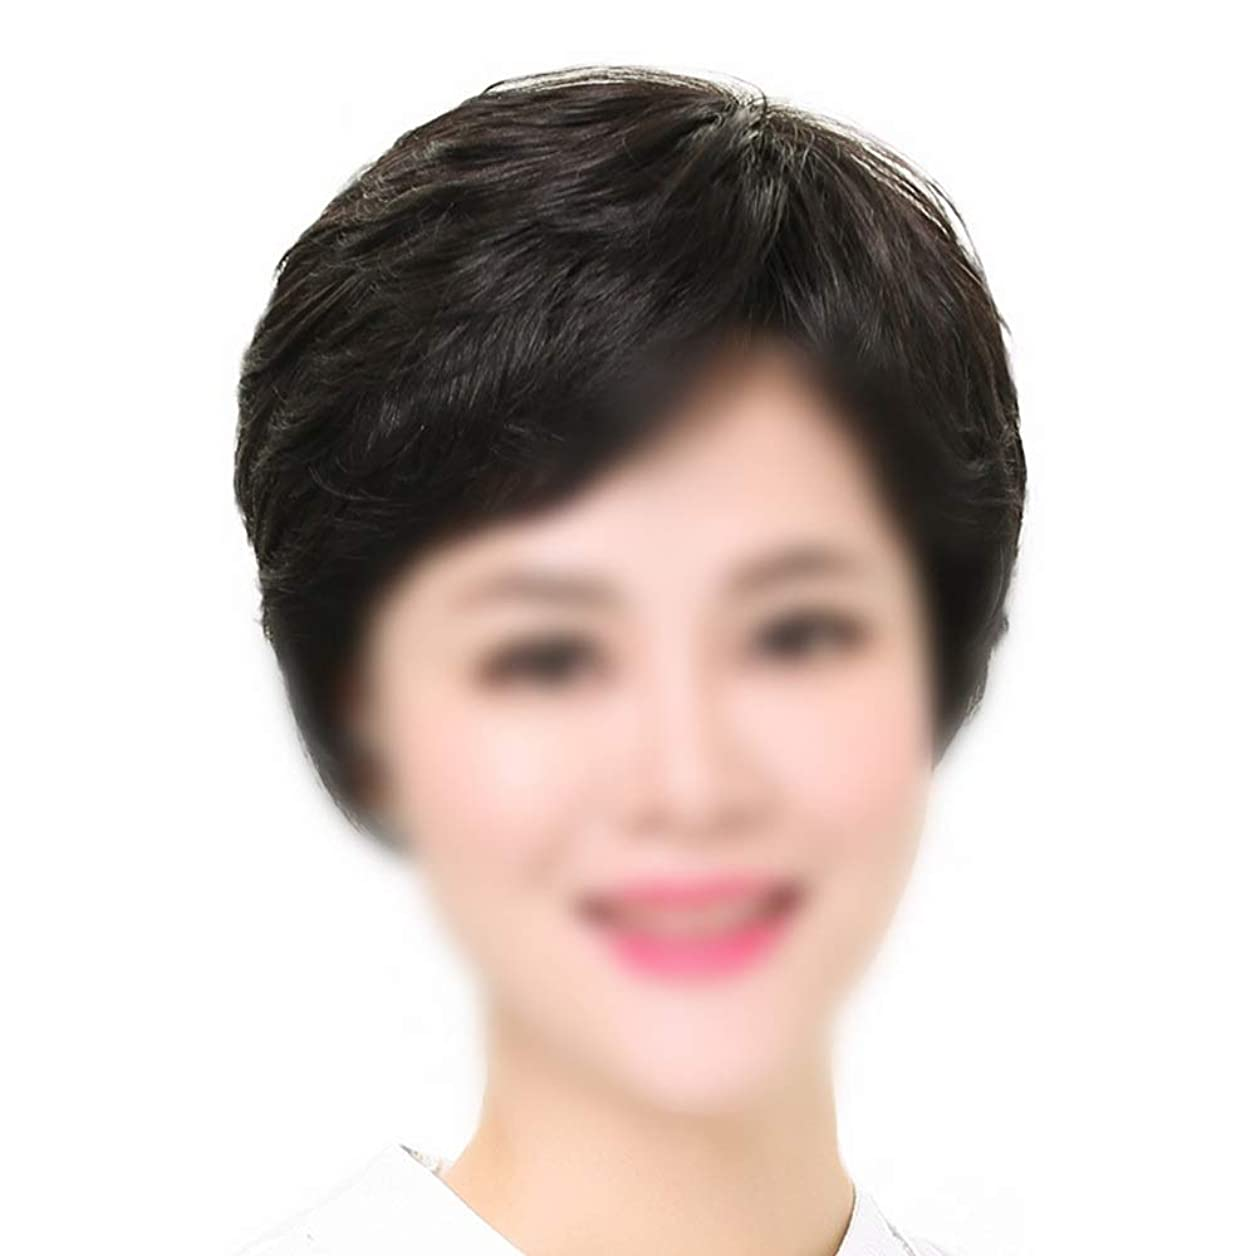 巧みな兵器庫儀式YESONEEP フル織りの女性の自然な人間の髪の毛のマイクロ波短髪中年のかつらパーティーのかつら (Color : Dark brown, サイズ : Mechanism)